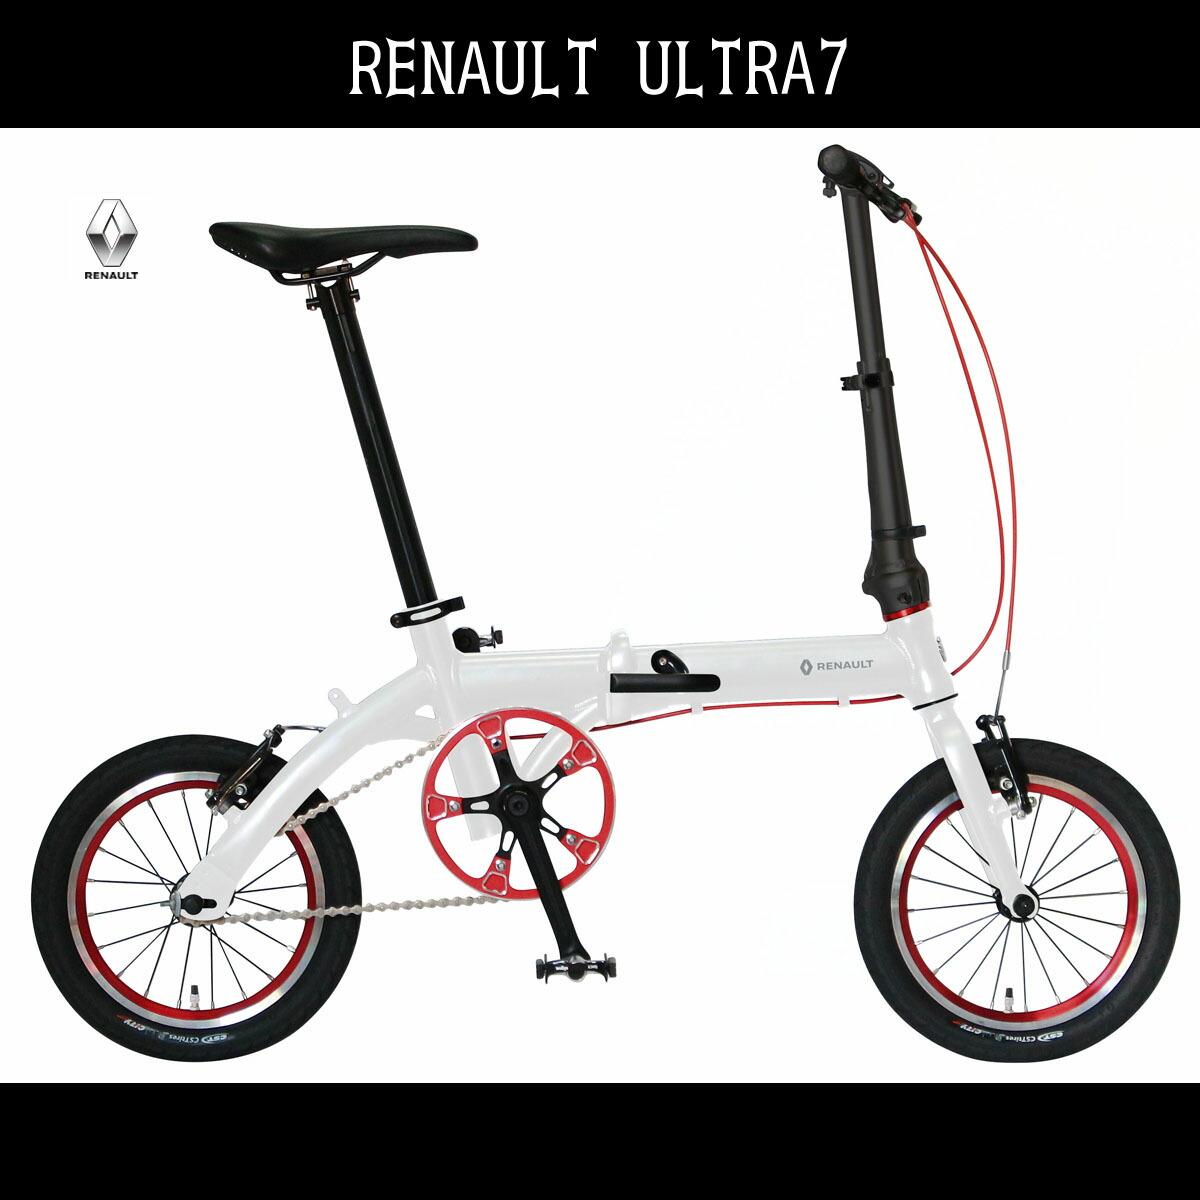 折りたたみ自転車 ルノー RENAULT 自転車 ホワイト/白 14インチ 自転車 軽量 ギアなし ルノー 折りたたみ自転車 ULTRA LIGHT 7 ウルトラライトセブン アルミニウム